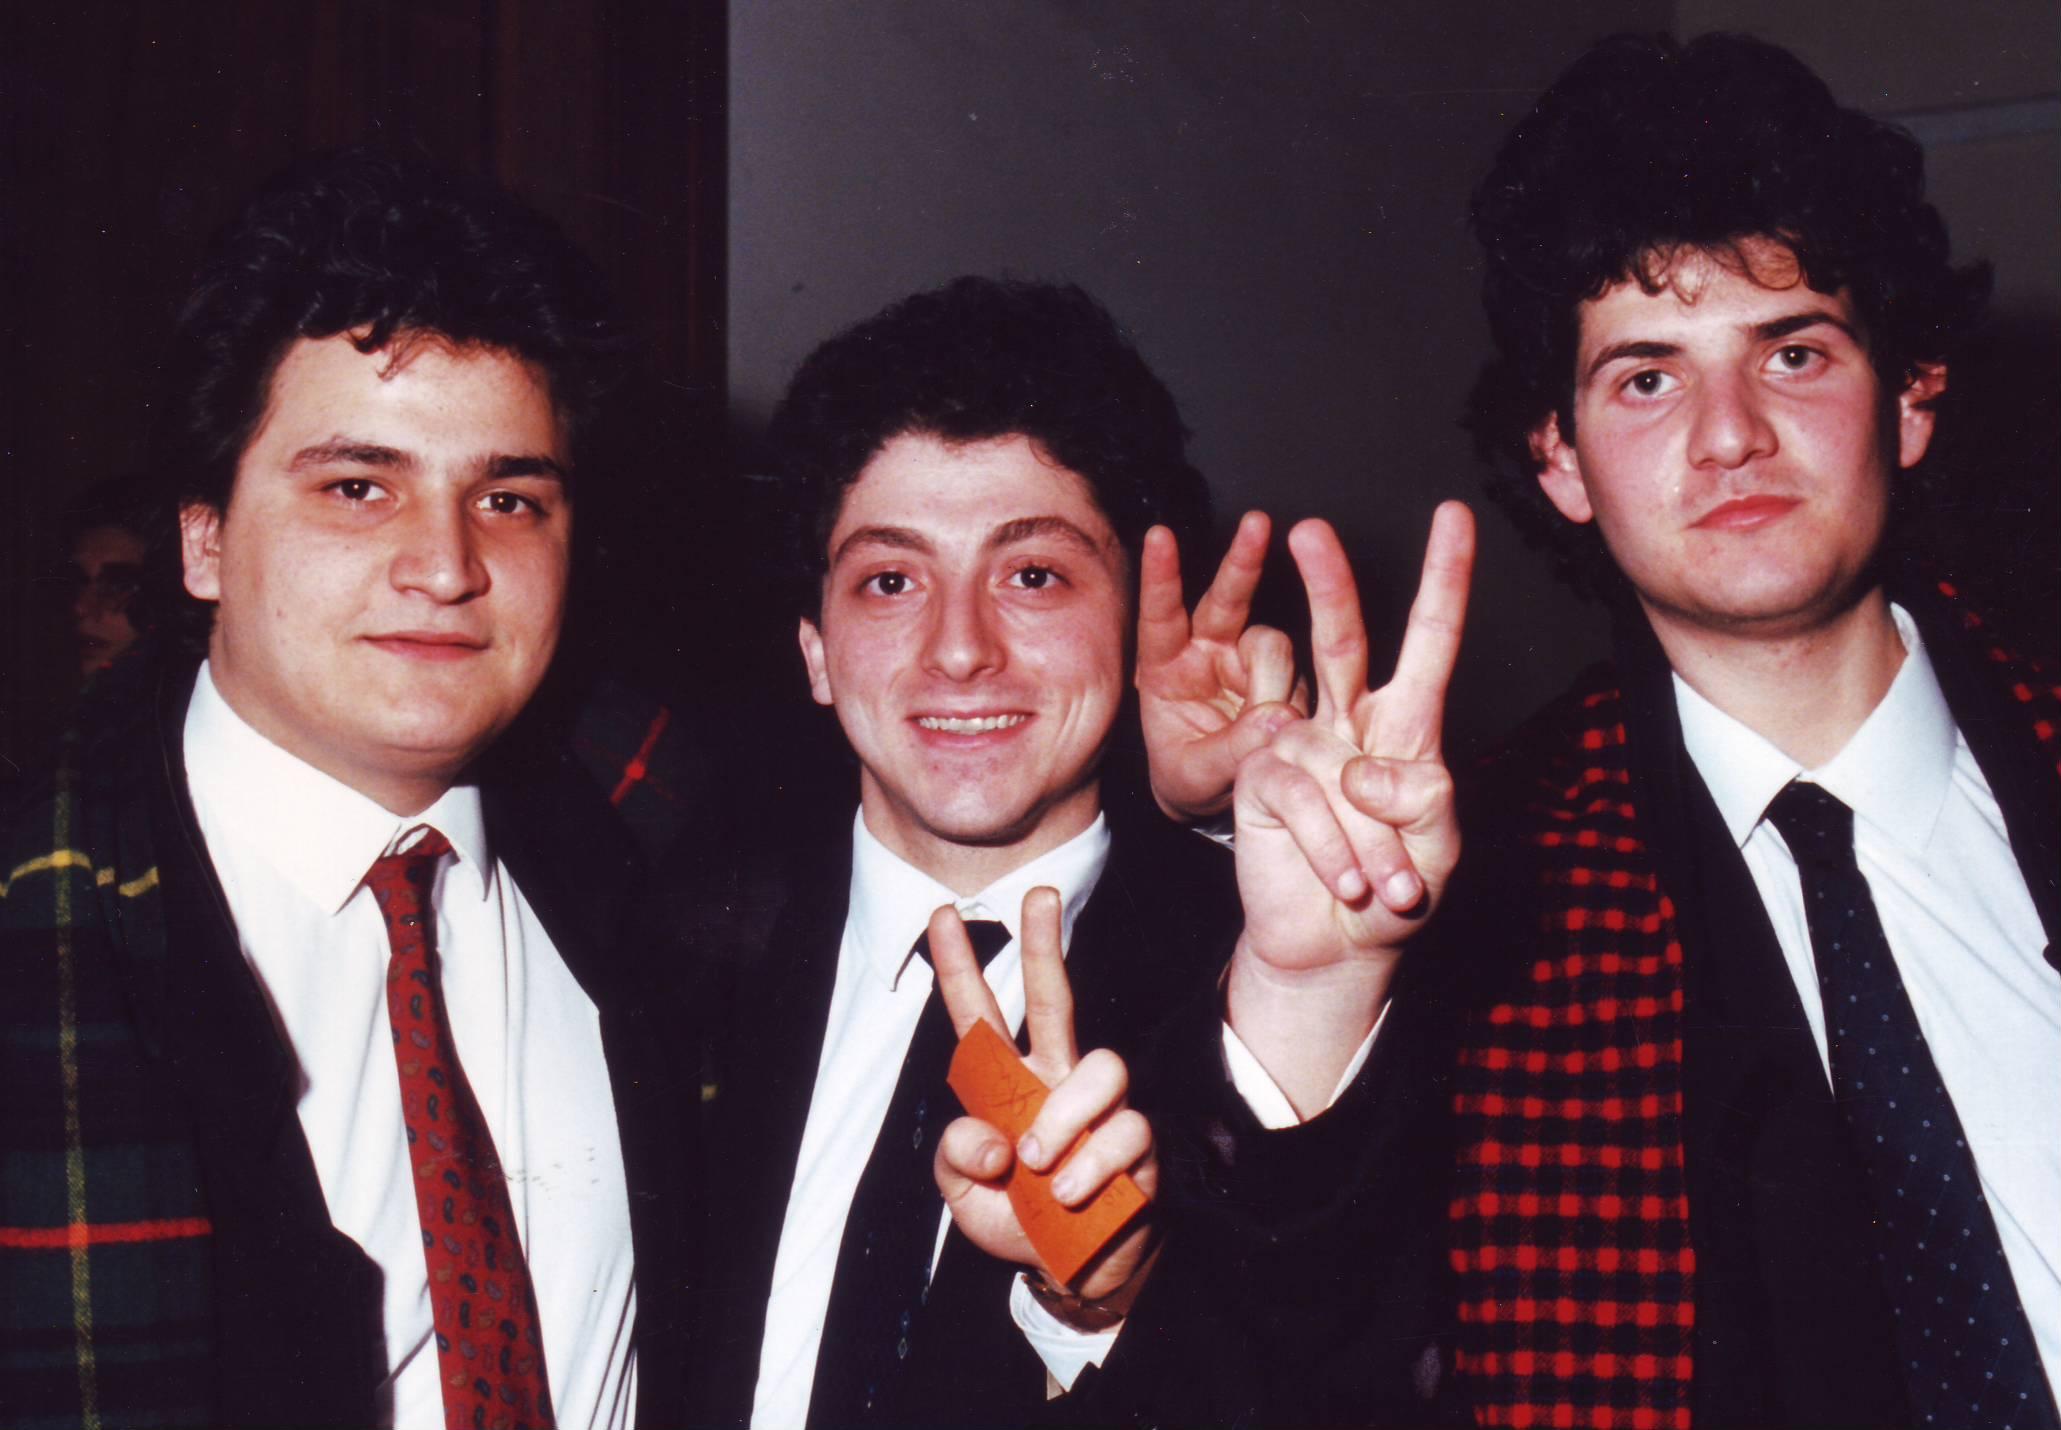 Alberto trio smetana 0002